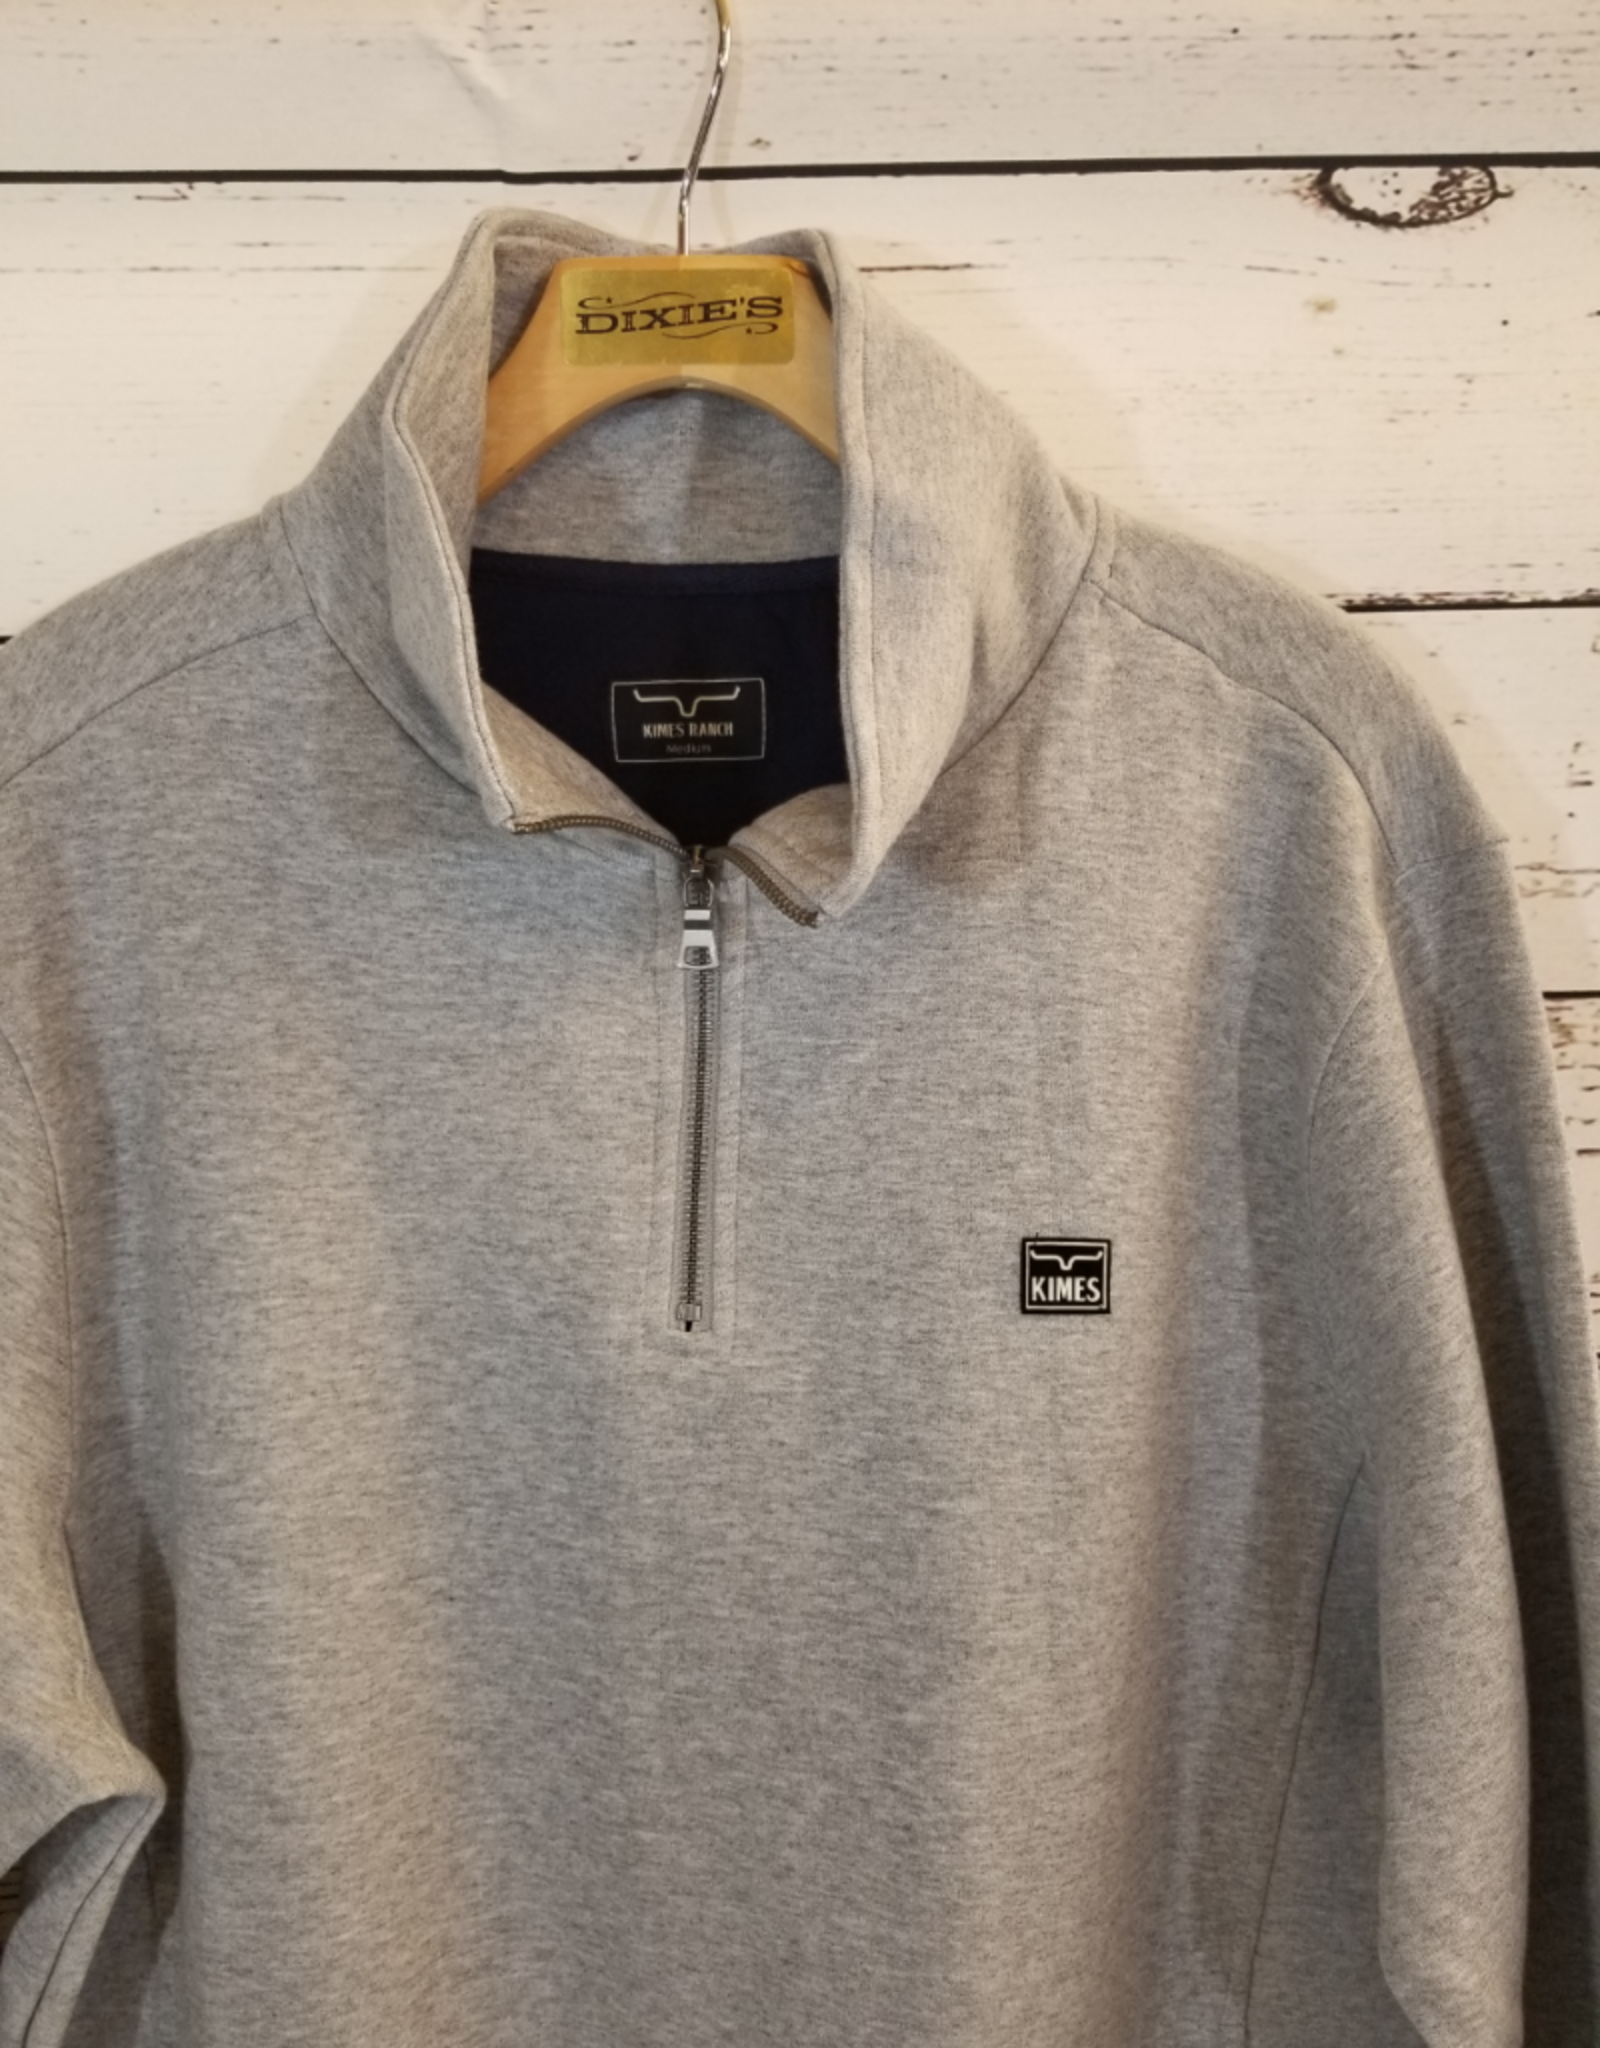 Kimes Ranch Knicks 1/4 Zip Sweater